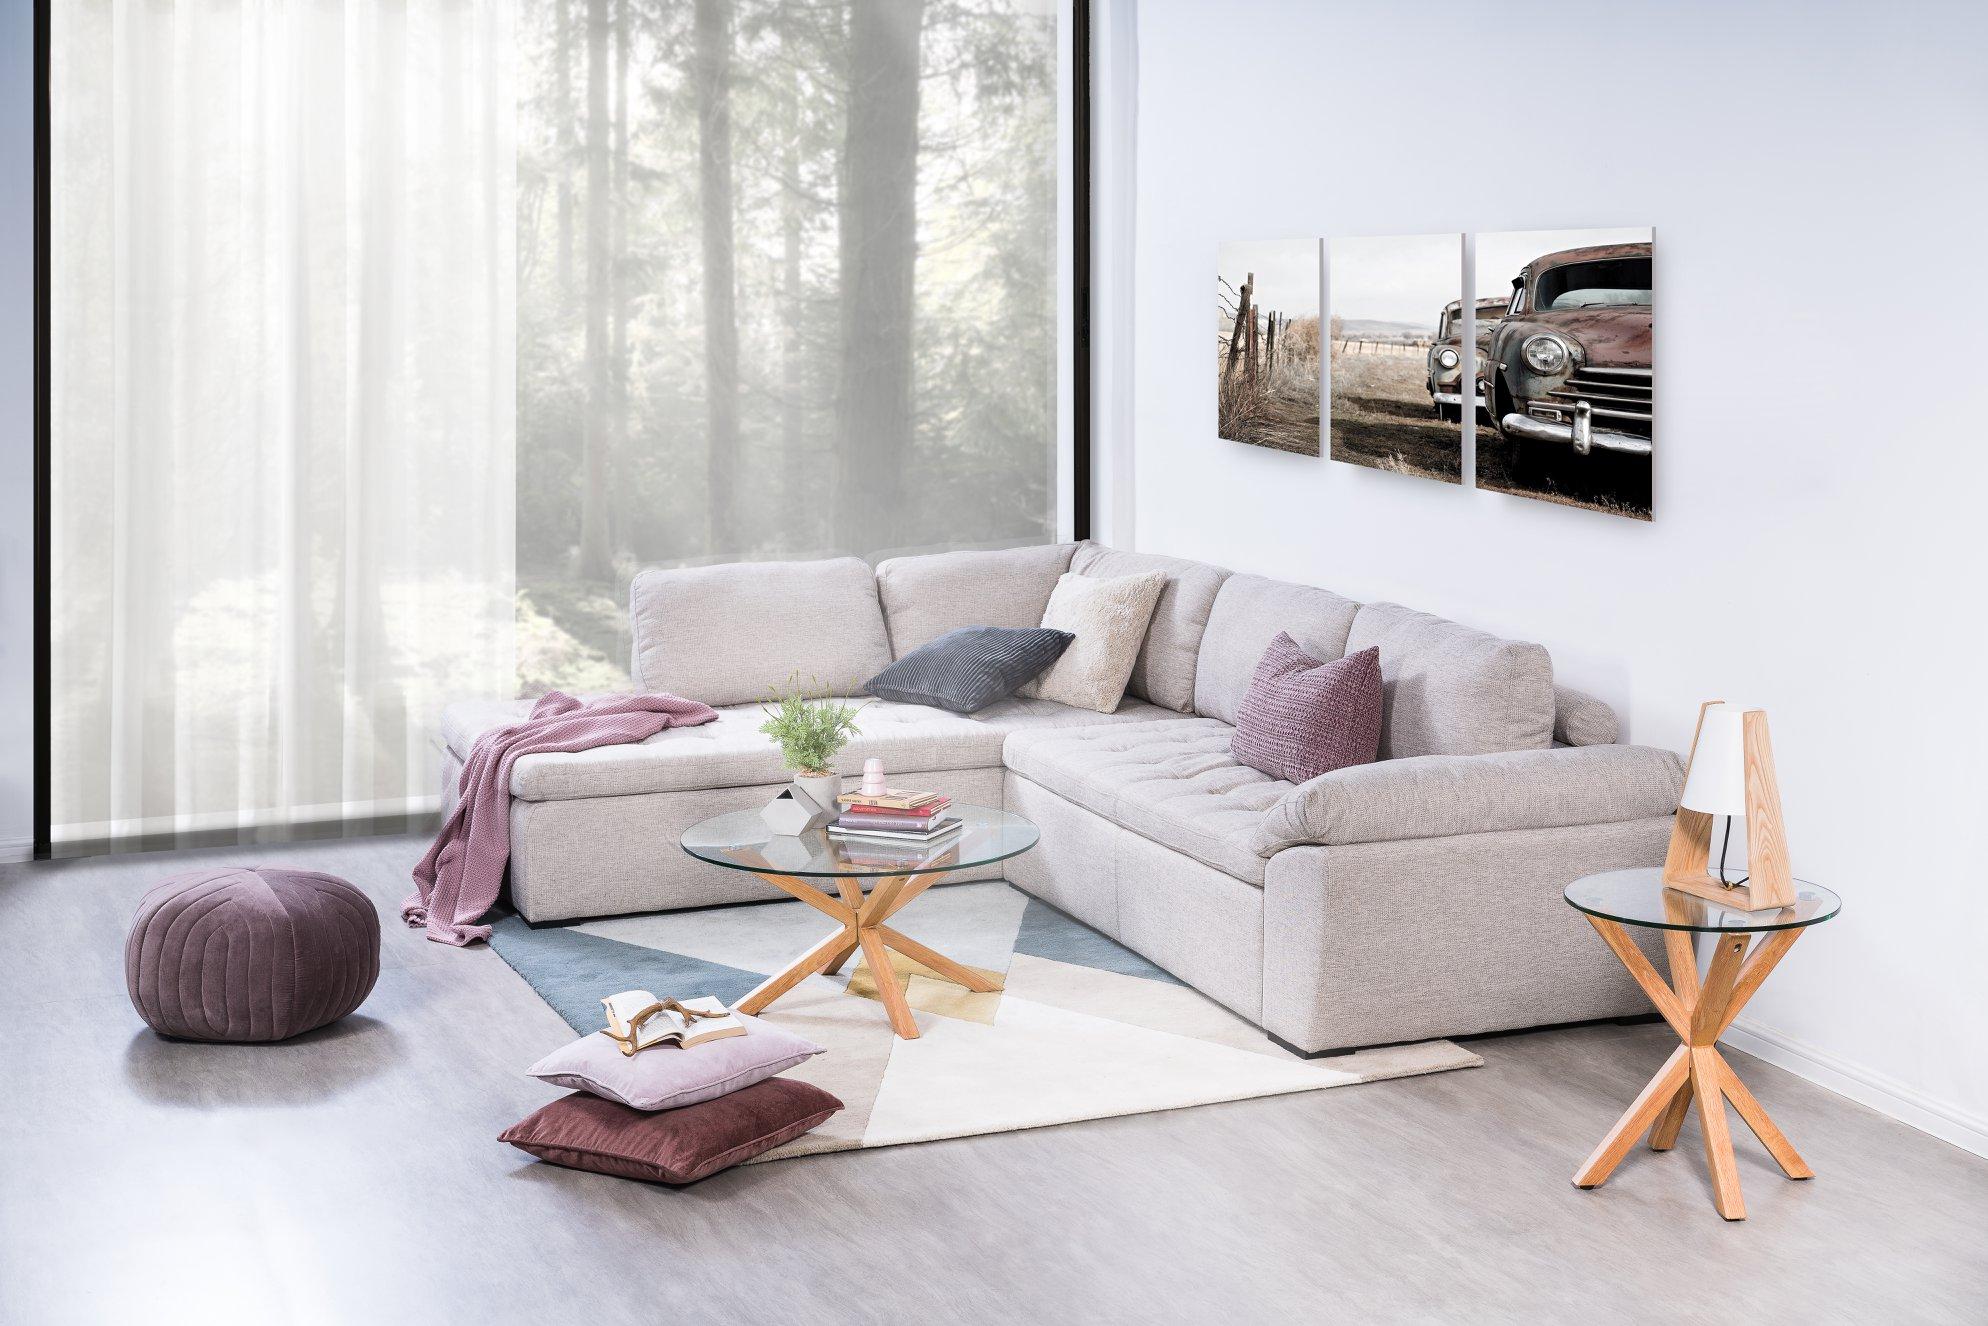 Wellington light - Da và vải - Nên chọn chất liệu nào cho sofa nhà bạn?